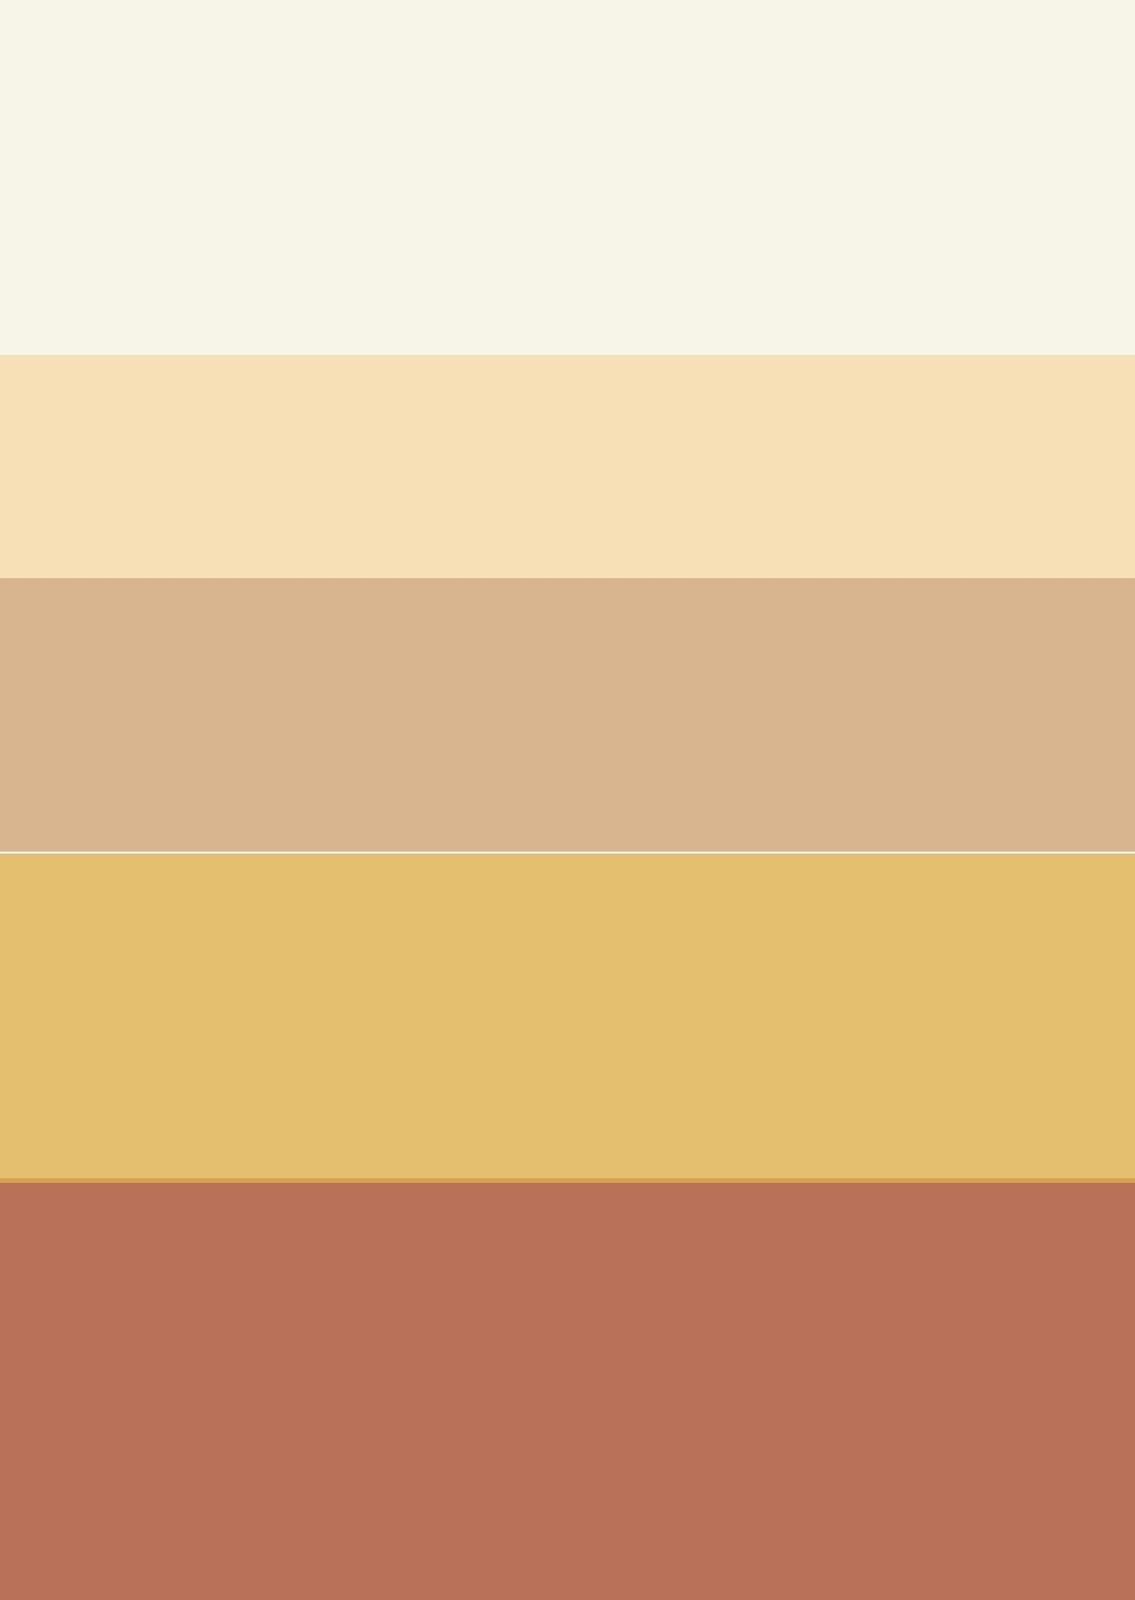 Escuela de interiorismo estilo toscano for Paleta colores pintura pared